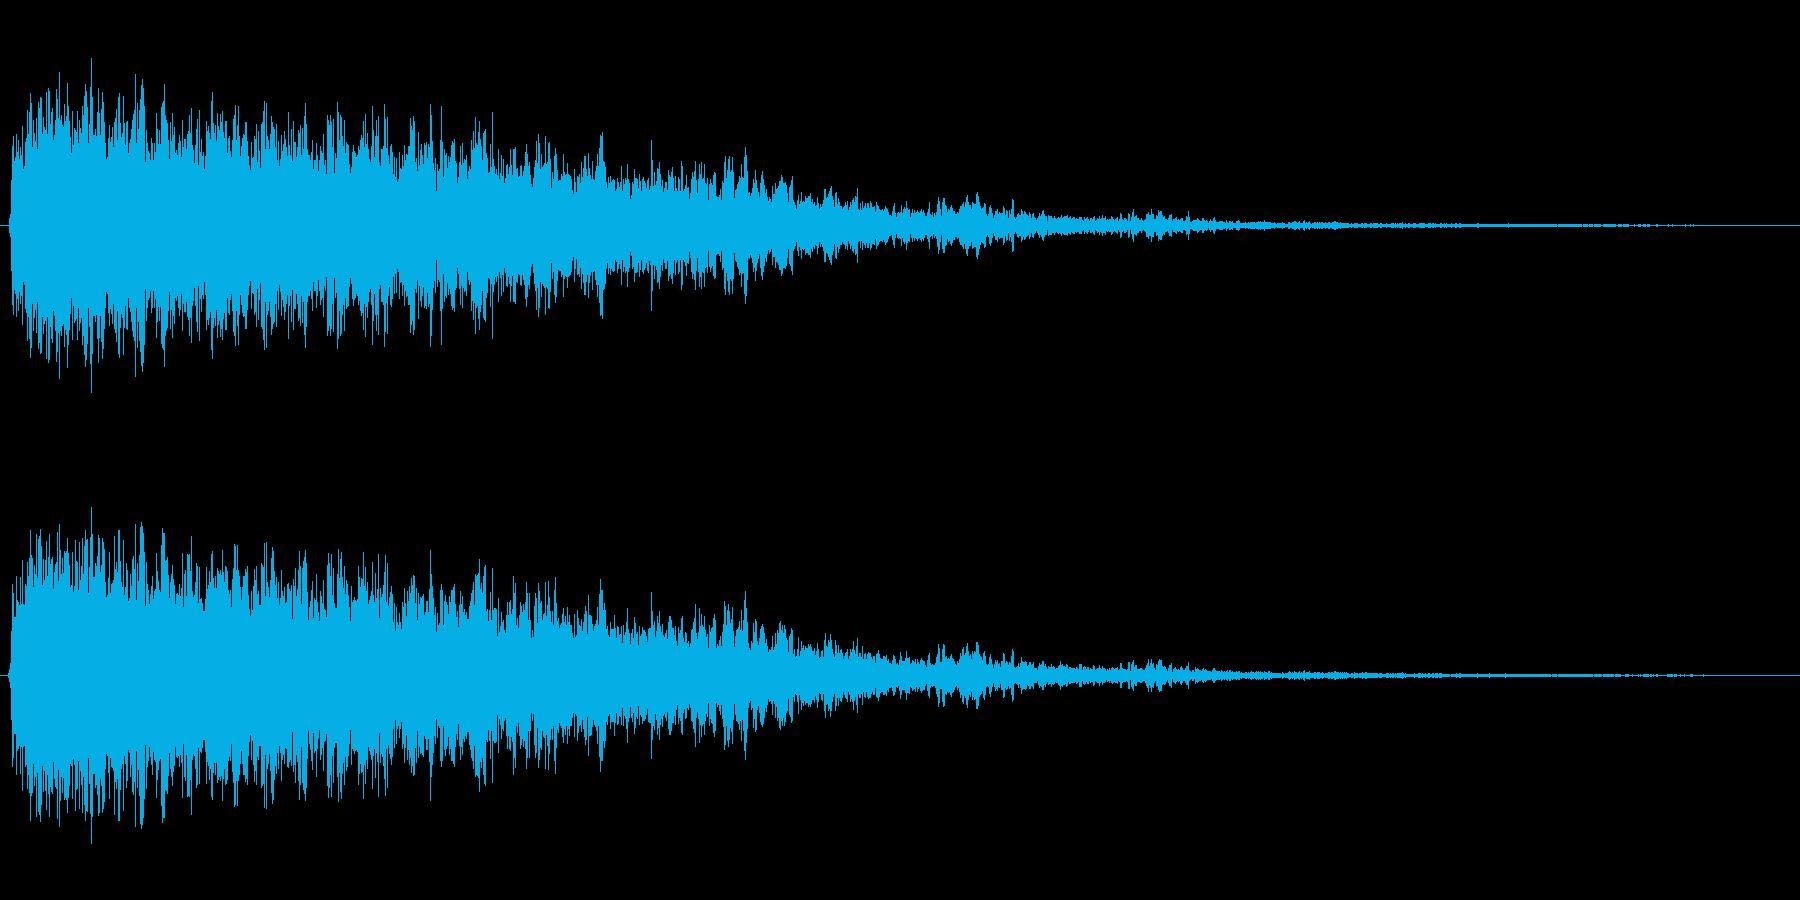 シュイーン 格好良い効果音の再生済みの波形